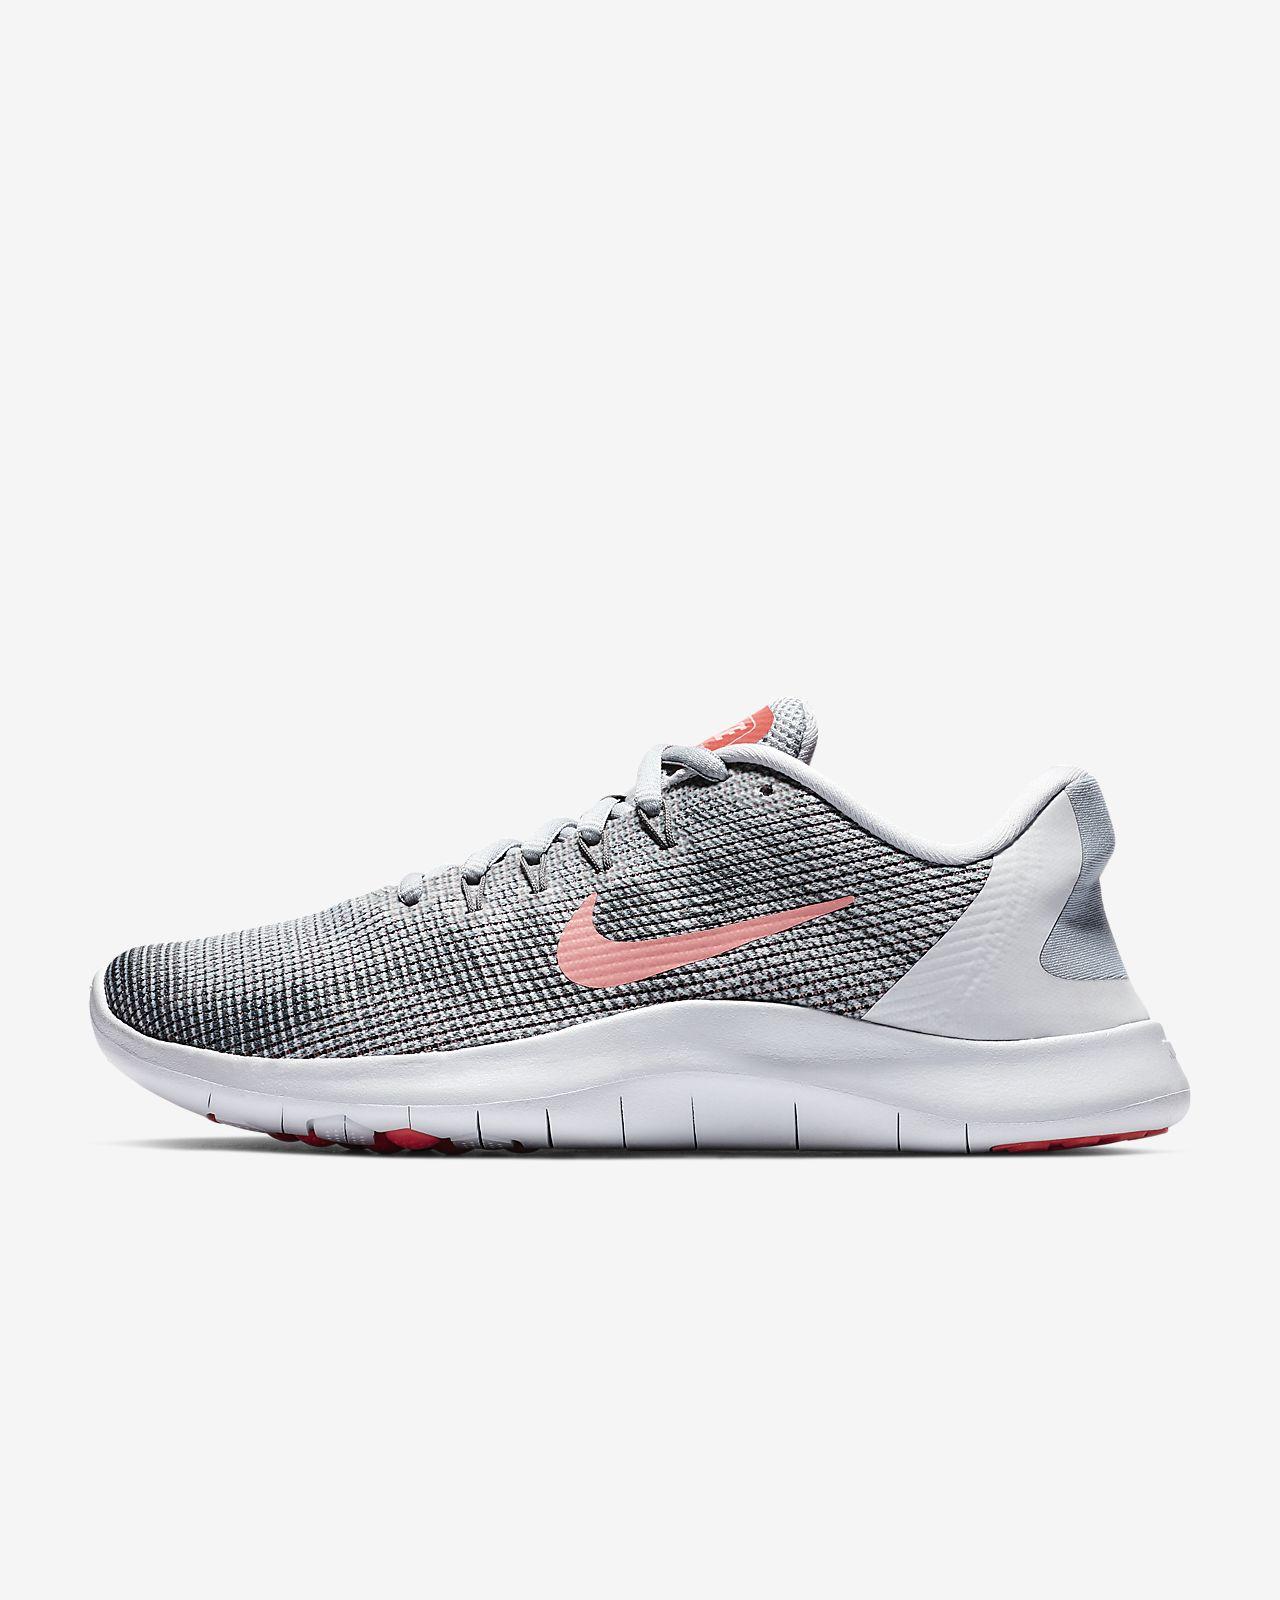 online retailer a61e1 e3e3a ... Chaussure de running Nike Flex RN 2018 pour Femme